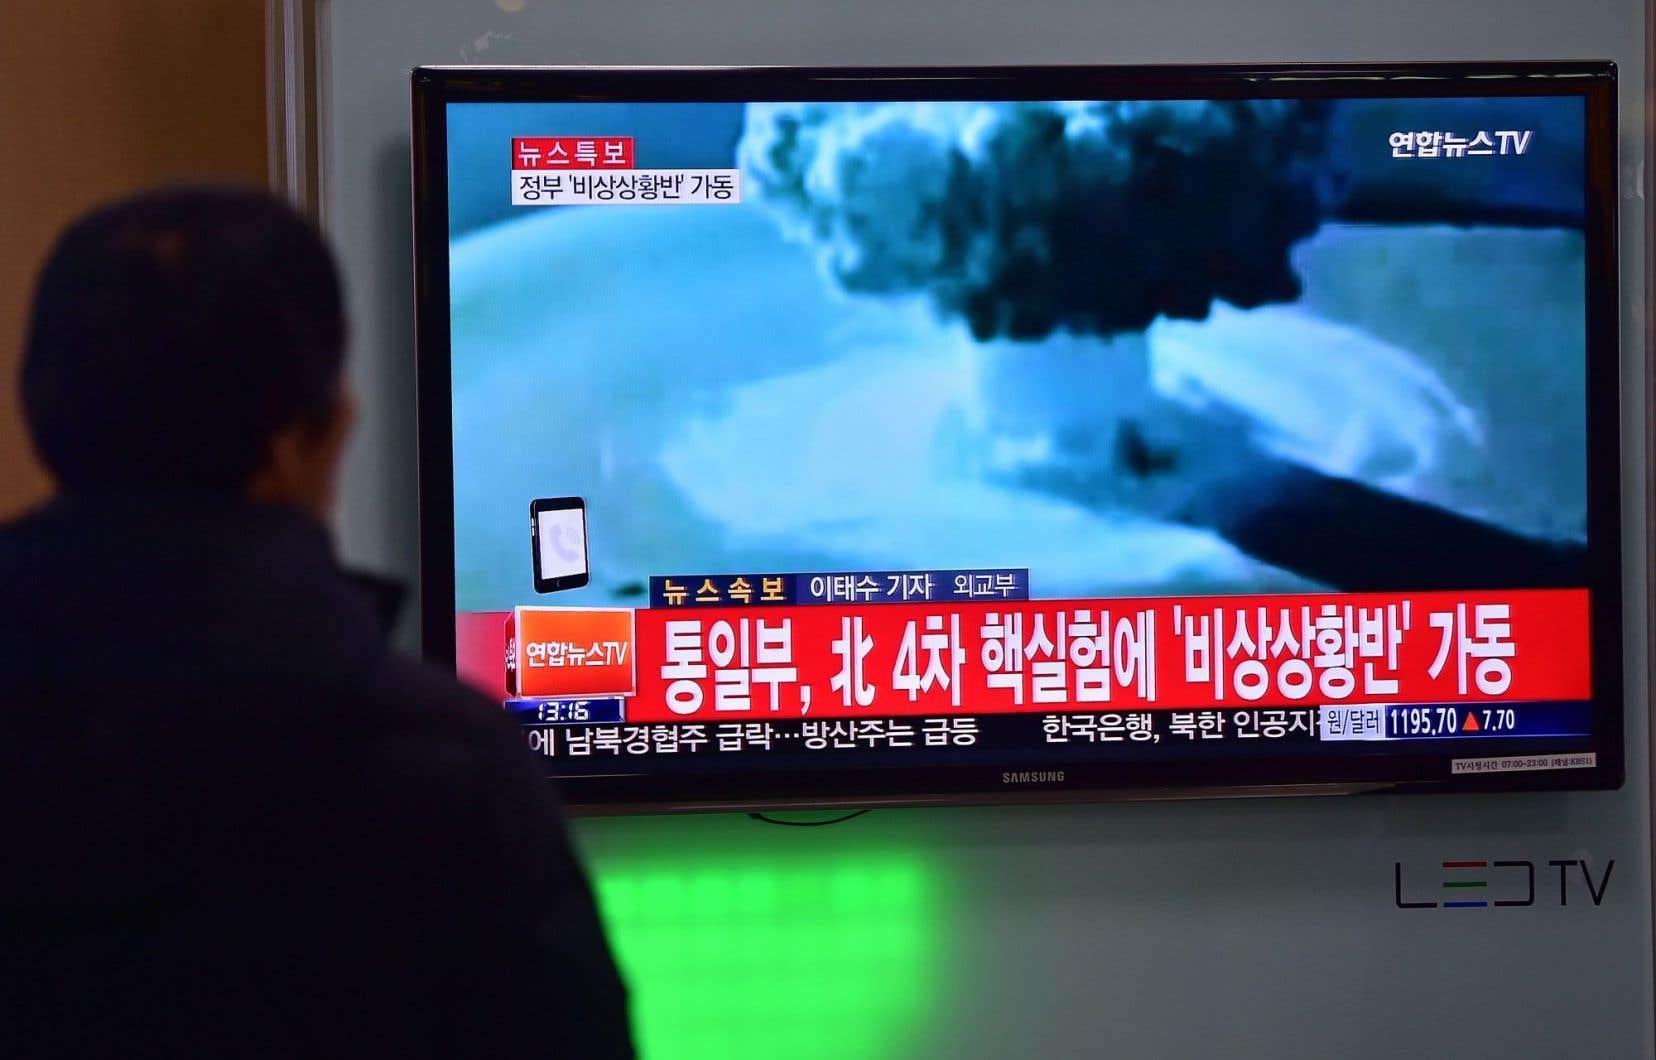 Les Sud-Coréens ont pu voir l'essai nucléaire qu'aurait effectué Pyongyang.